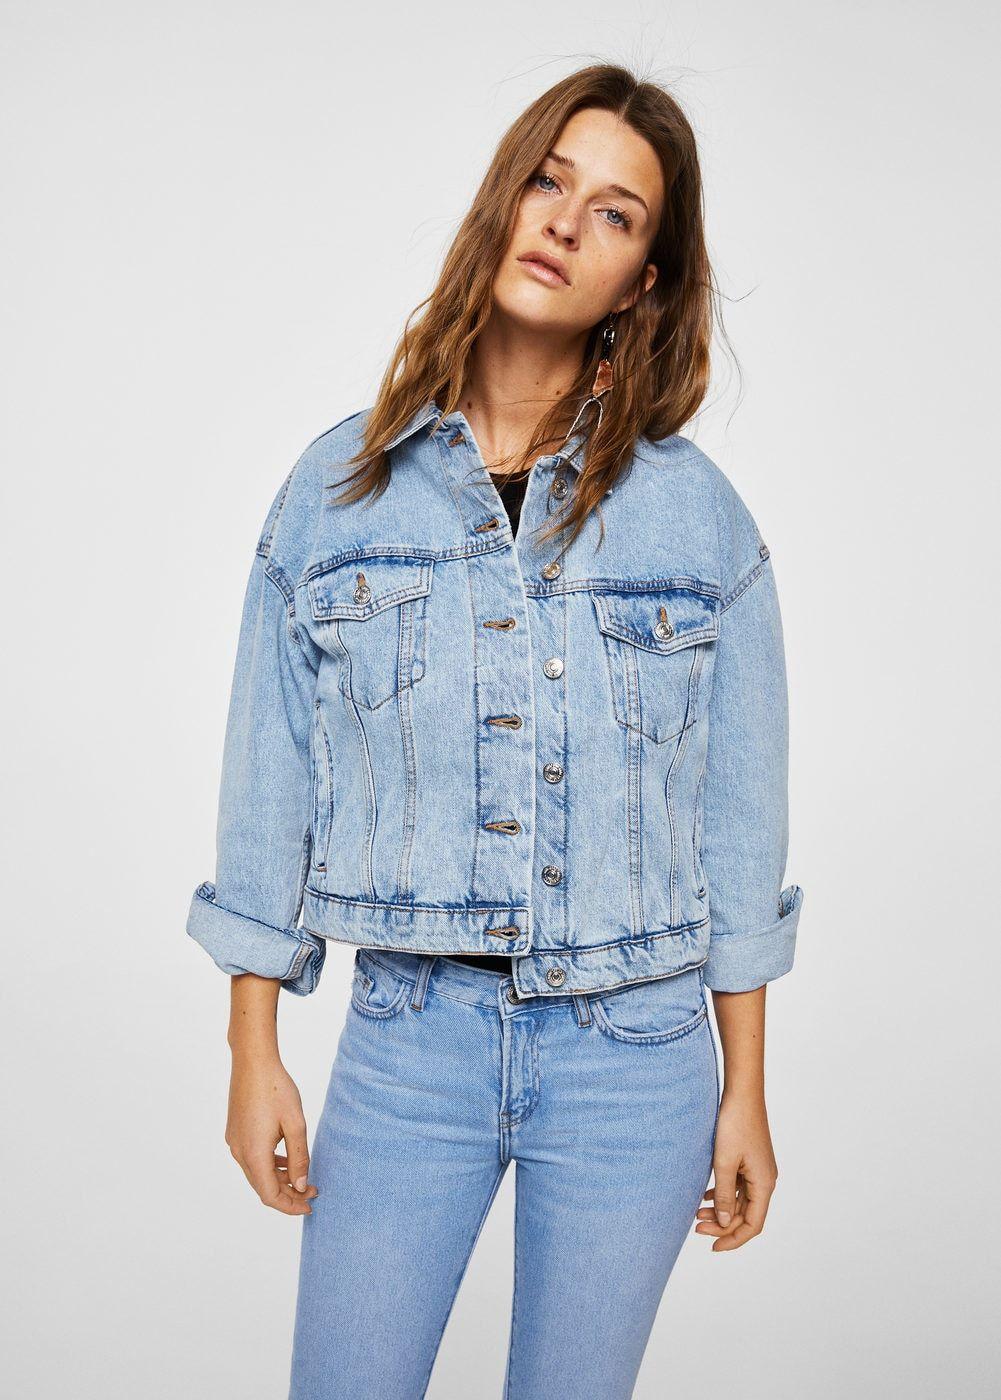 Crop Denim Jacket Women Mango United Kingdom Denim Fashion Mont Moda Stilleri